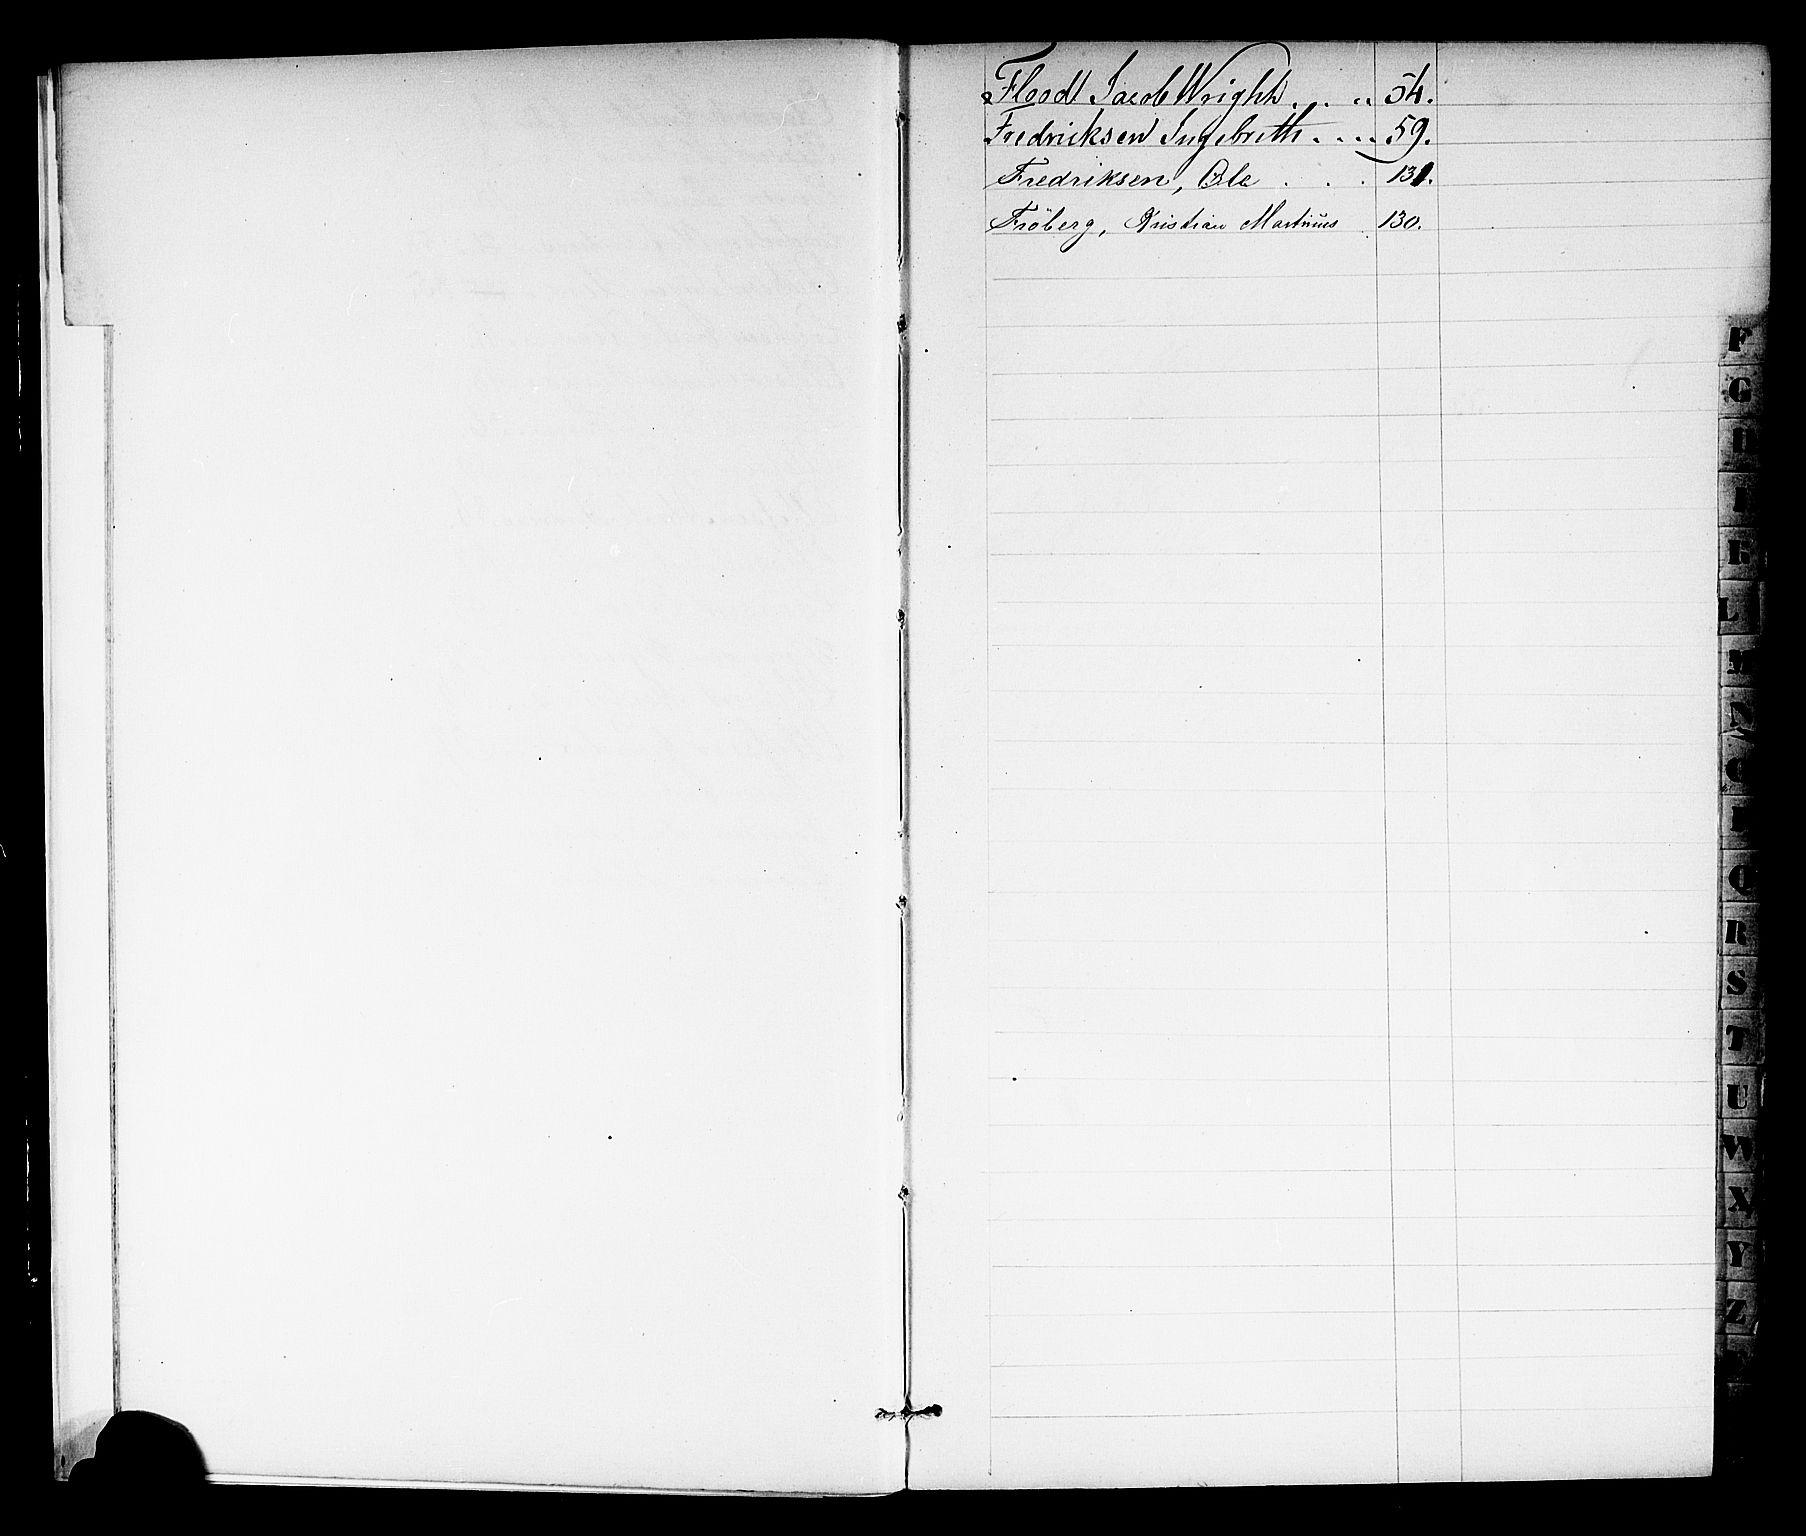 SAKO, Porsgrunn innrulleringskontor, F/Fb/L0001: Annotasjonsrulle, 1860-1868, s. 8